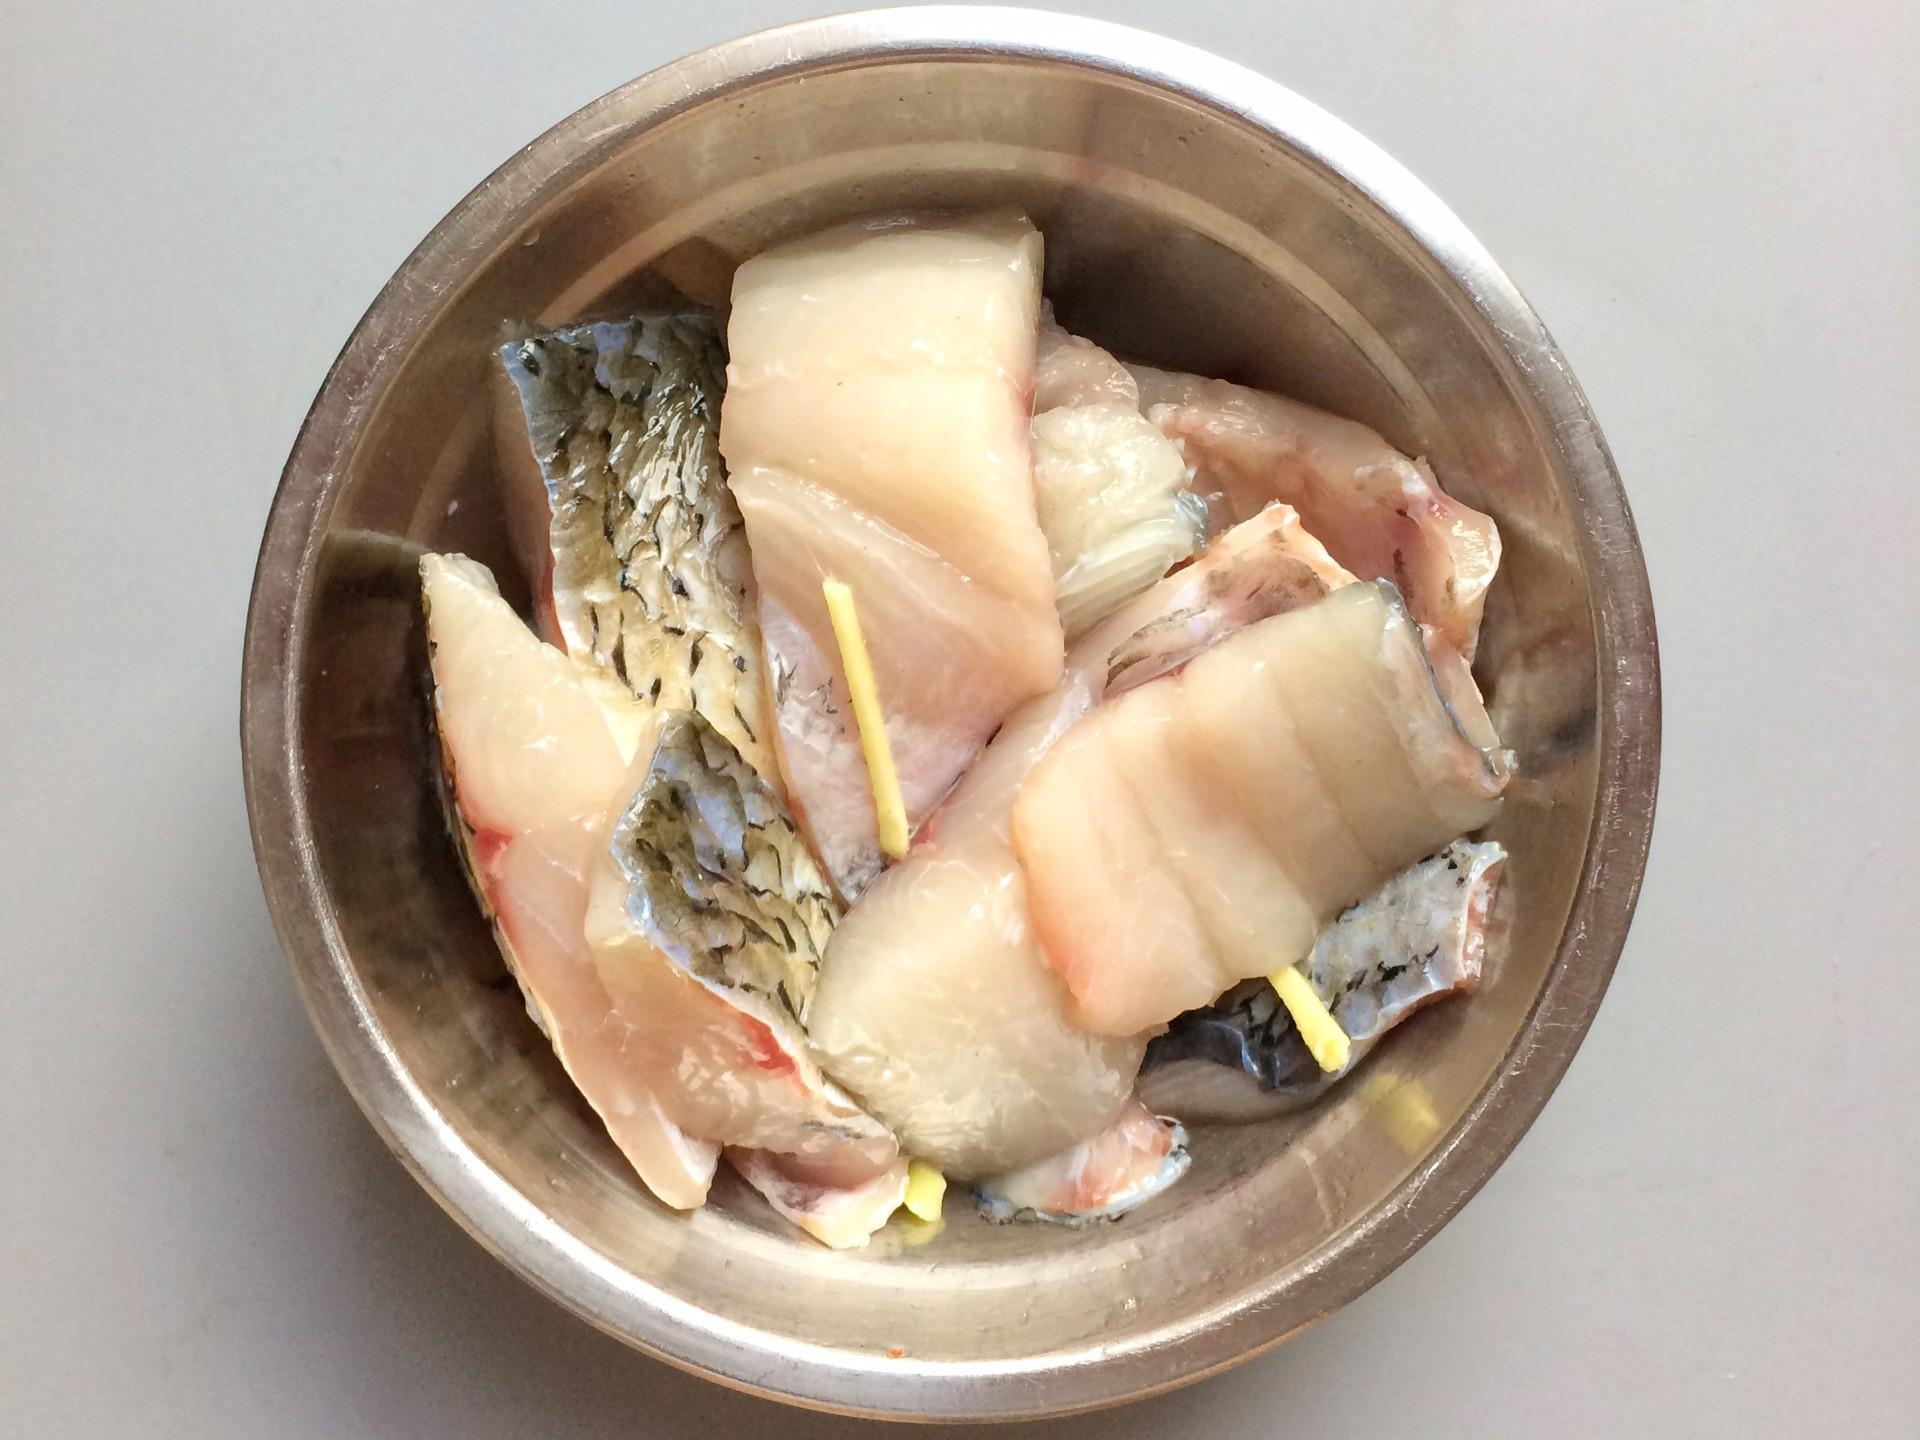 Cá chiên cay: Làm món nhậu ngon xuất sắc, ăn với cơm ngon bá cháy! - Ảnh 2